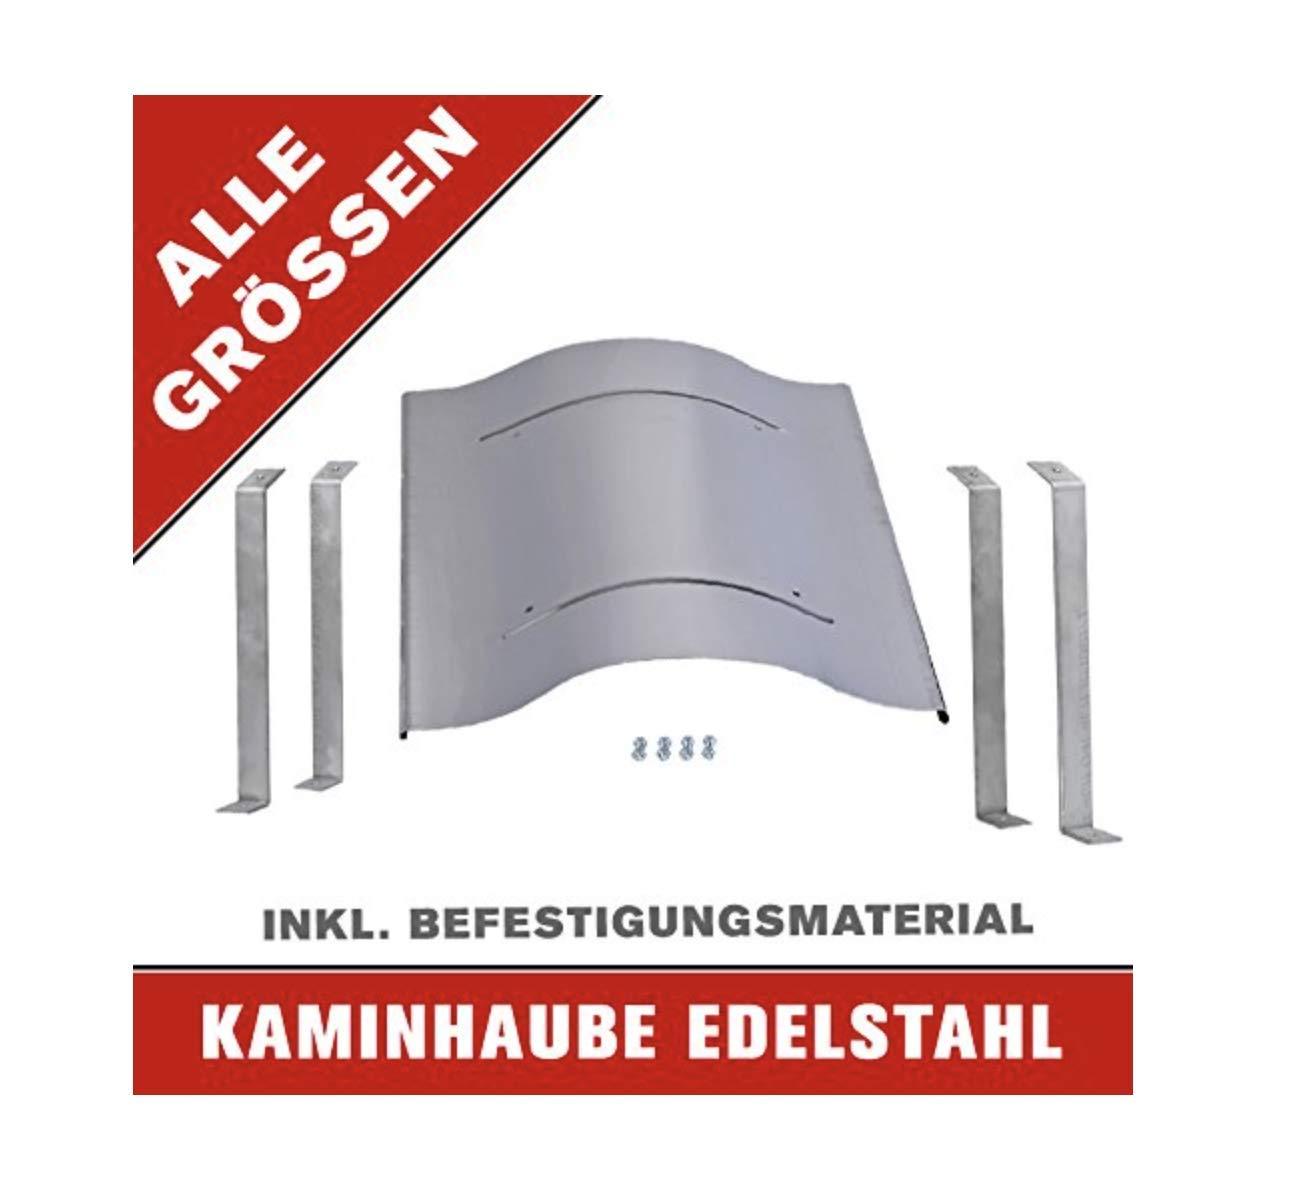 70 x 80 cm Schornsteinabdeckung Kaminhaube Kaminabdeckung ALLE GR/Ö/ßEN aus Edelstahl JETZT perfekt SCH/ÜTZEN!